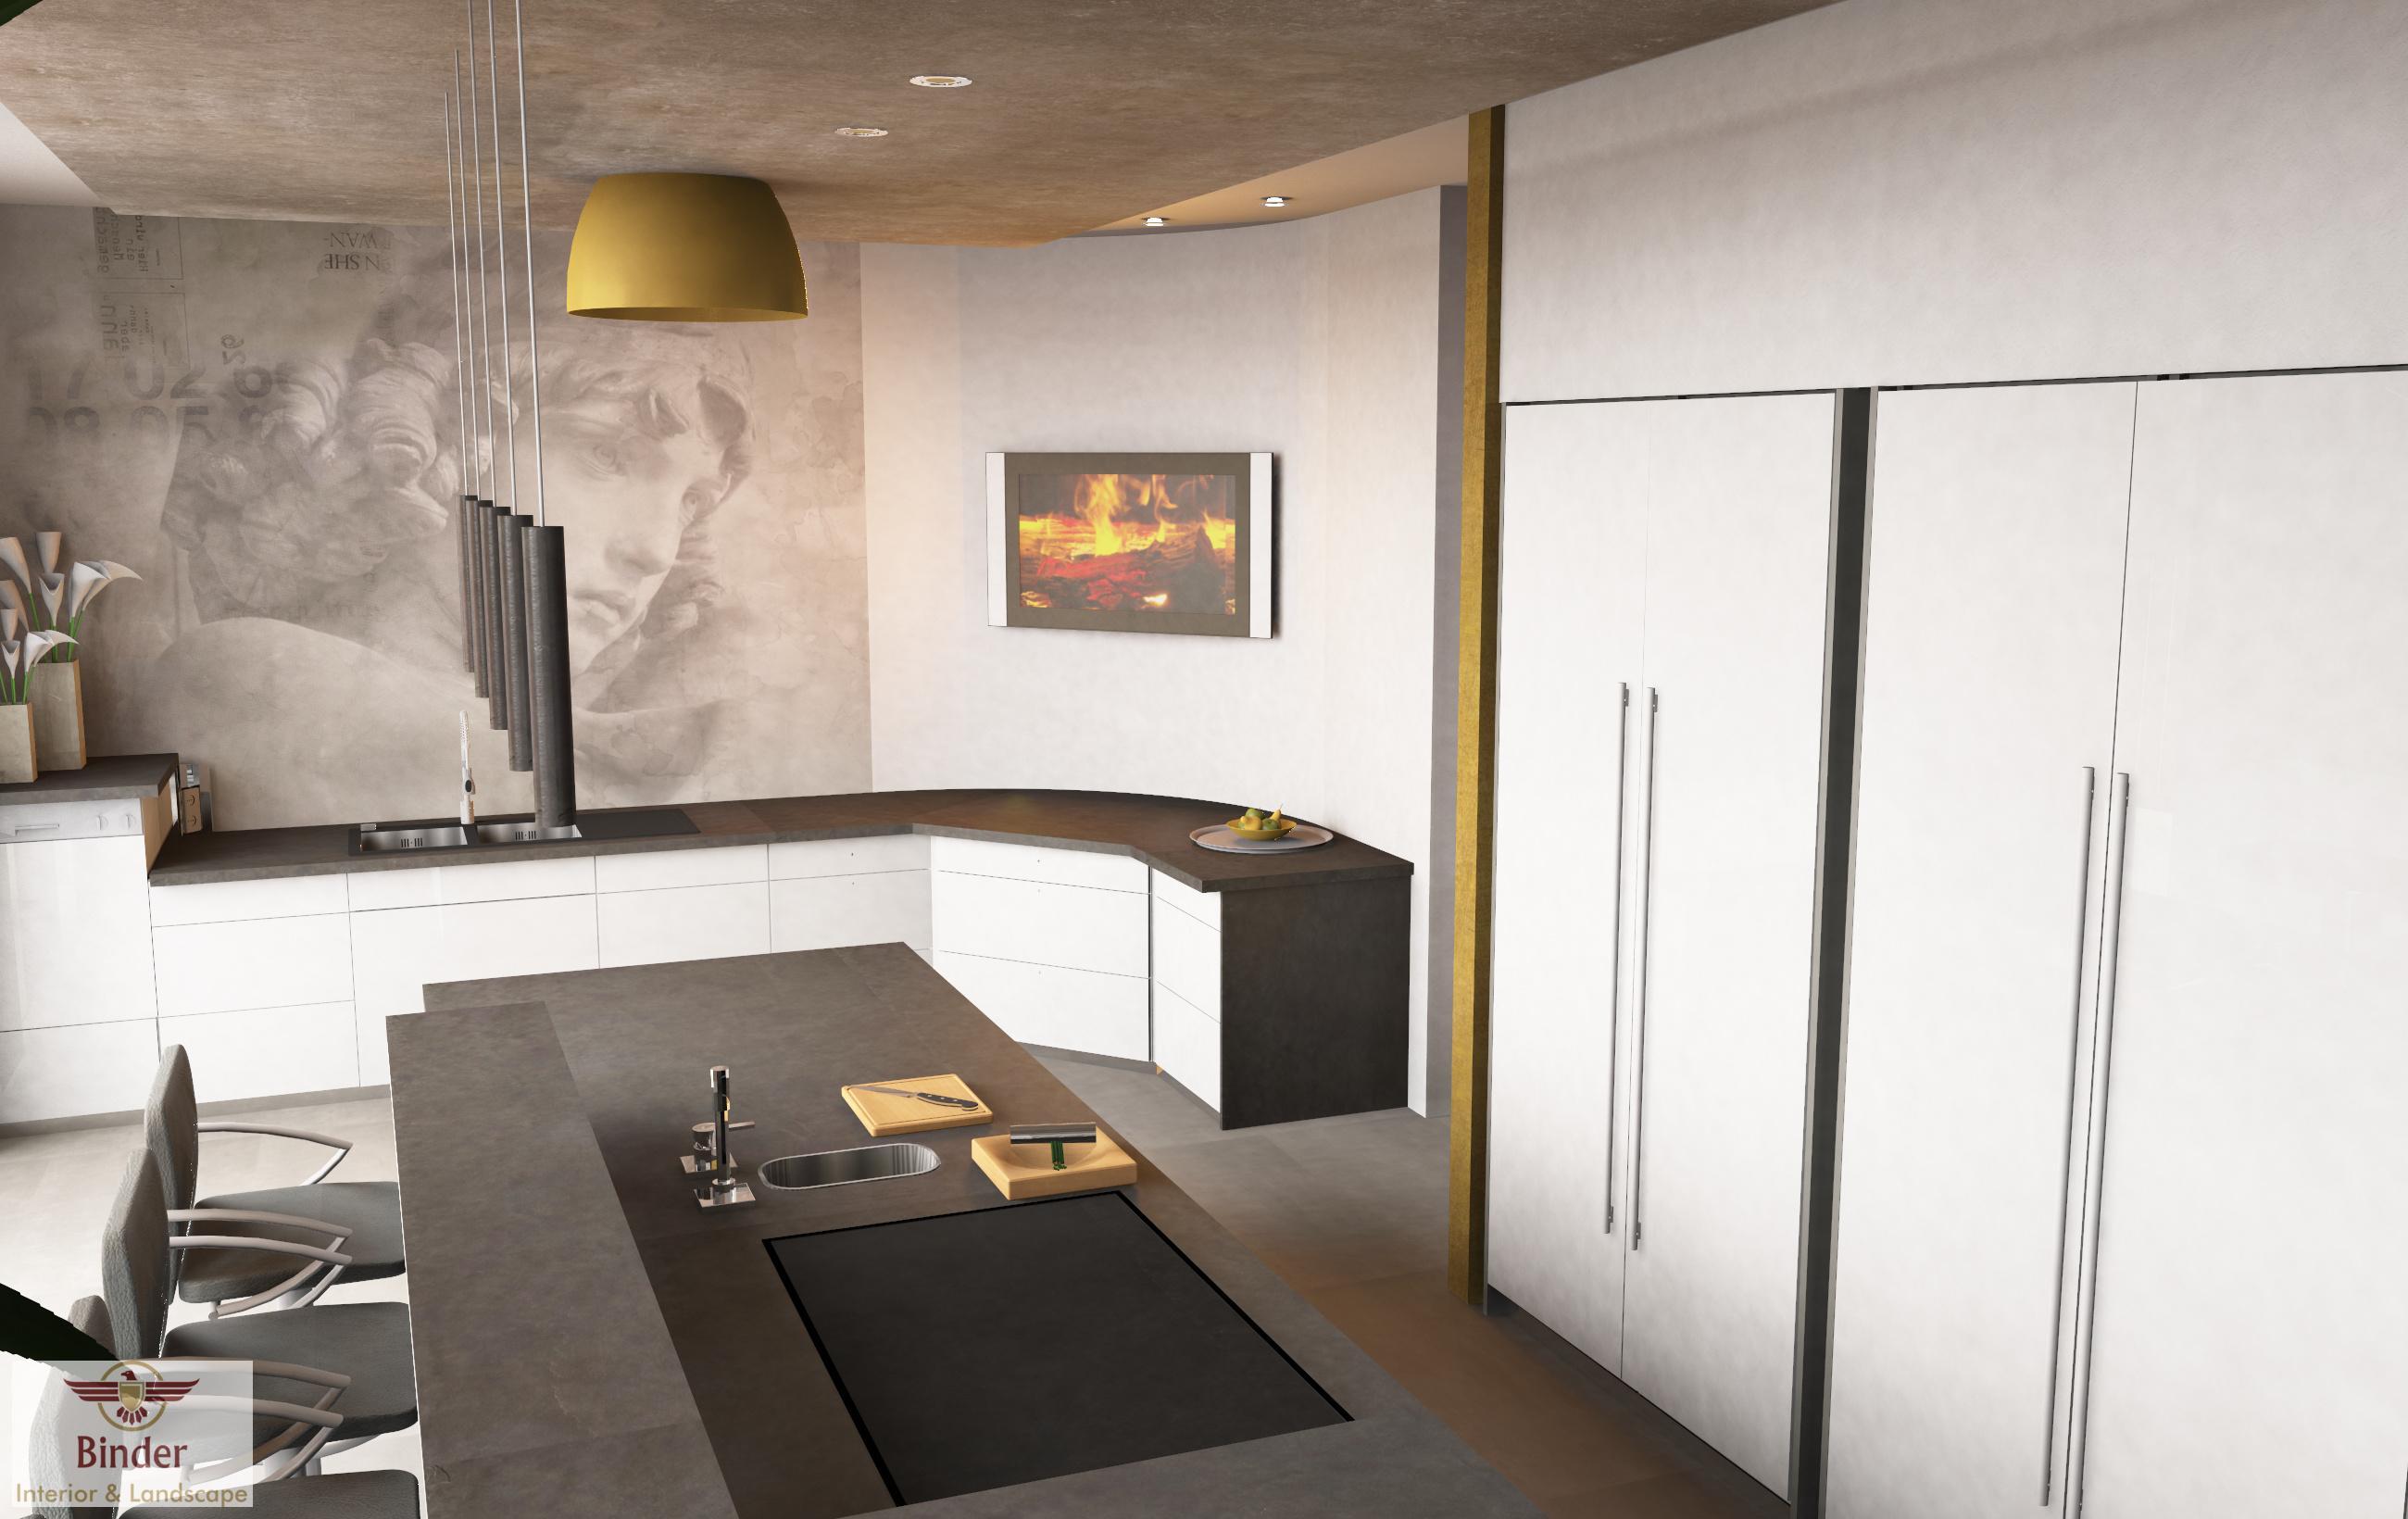 Moderne Küche Mit Kochinsel In Anthrazit #küche #theke #beleuchtung  #kücheninsel #raumausstattung